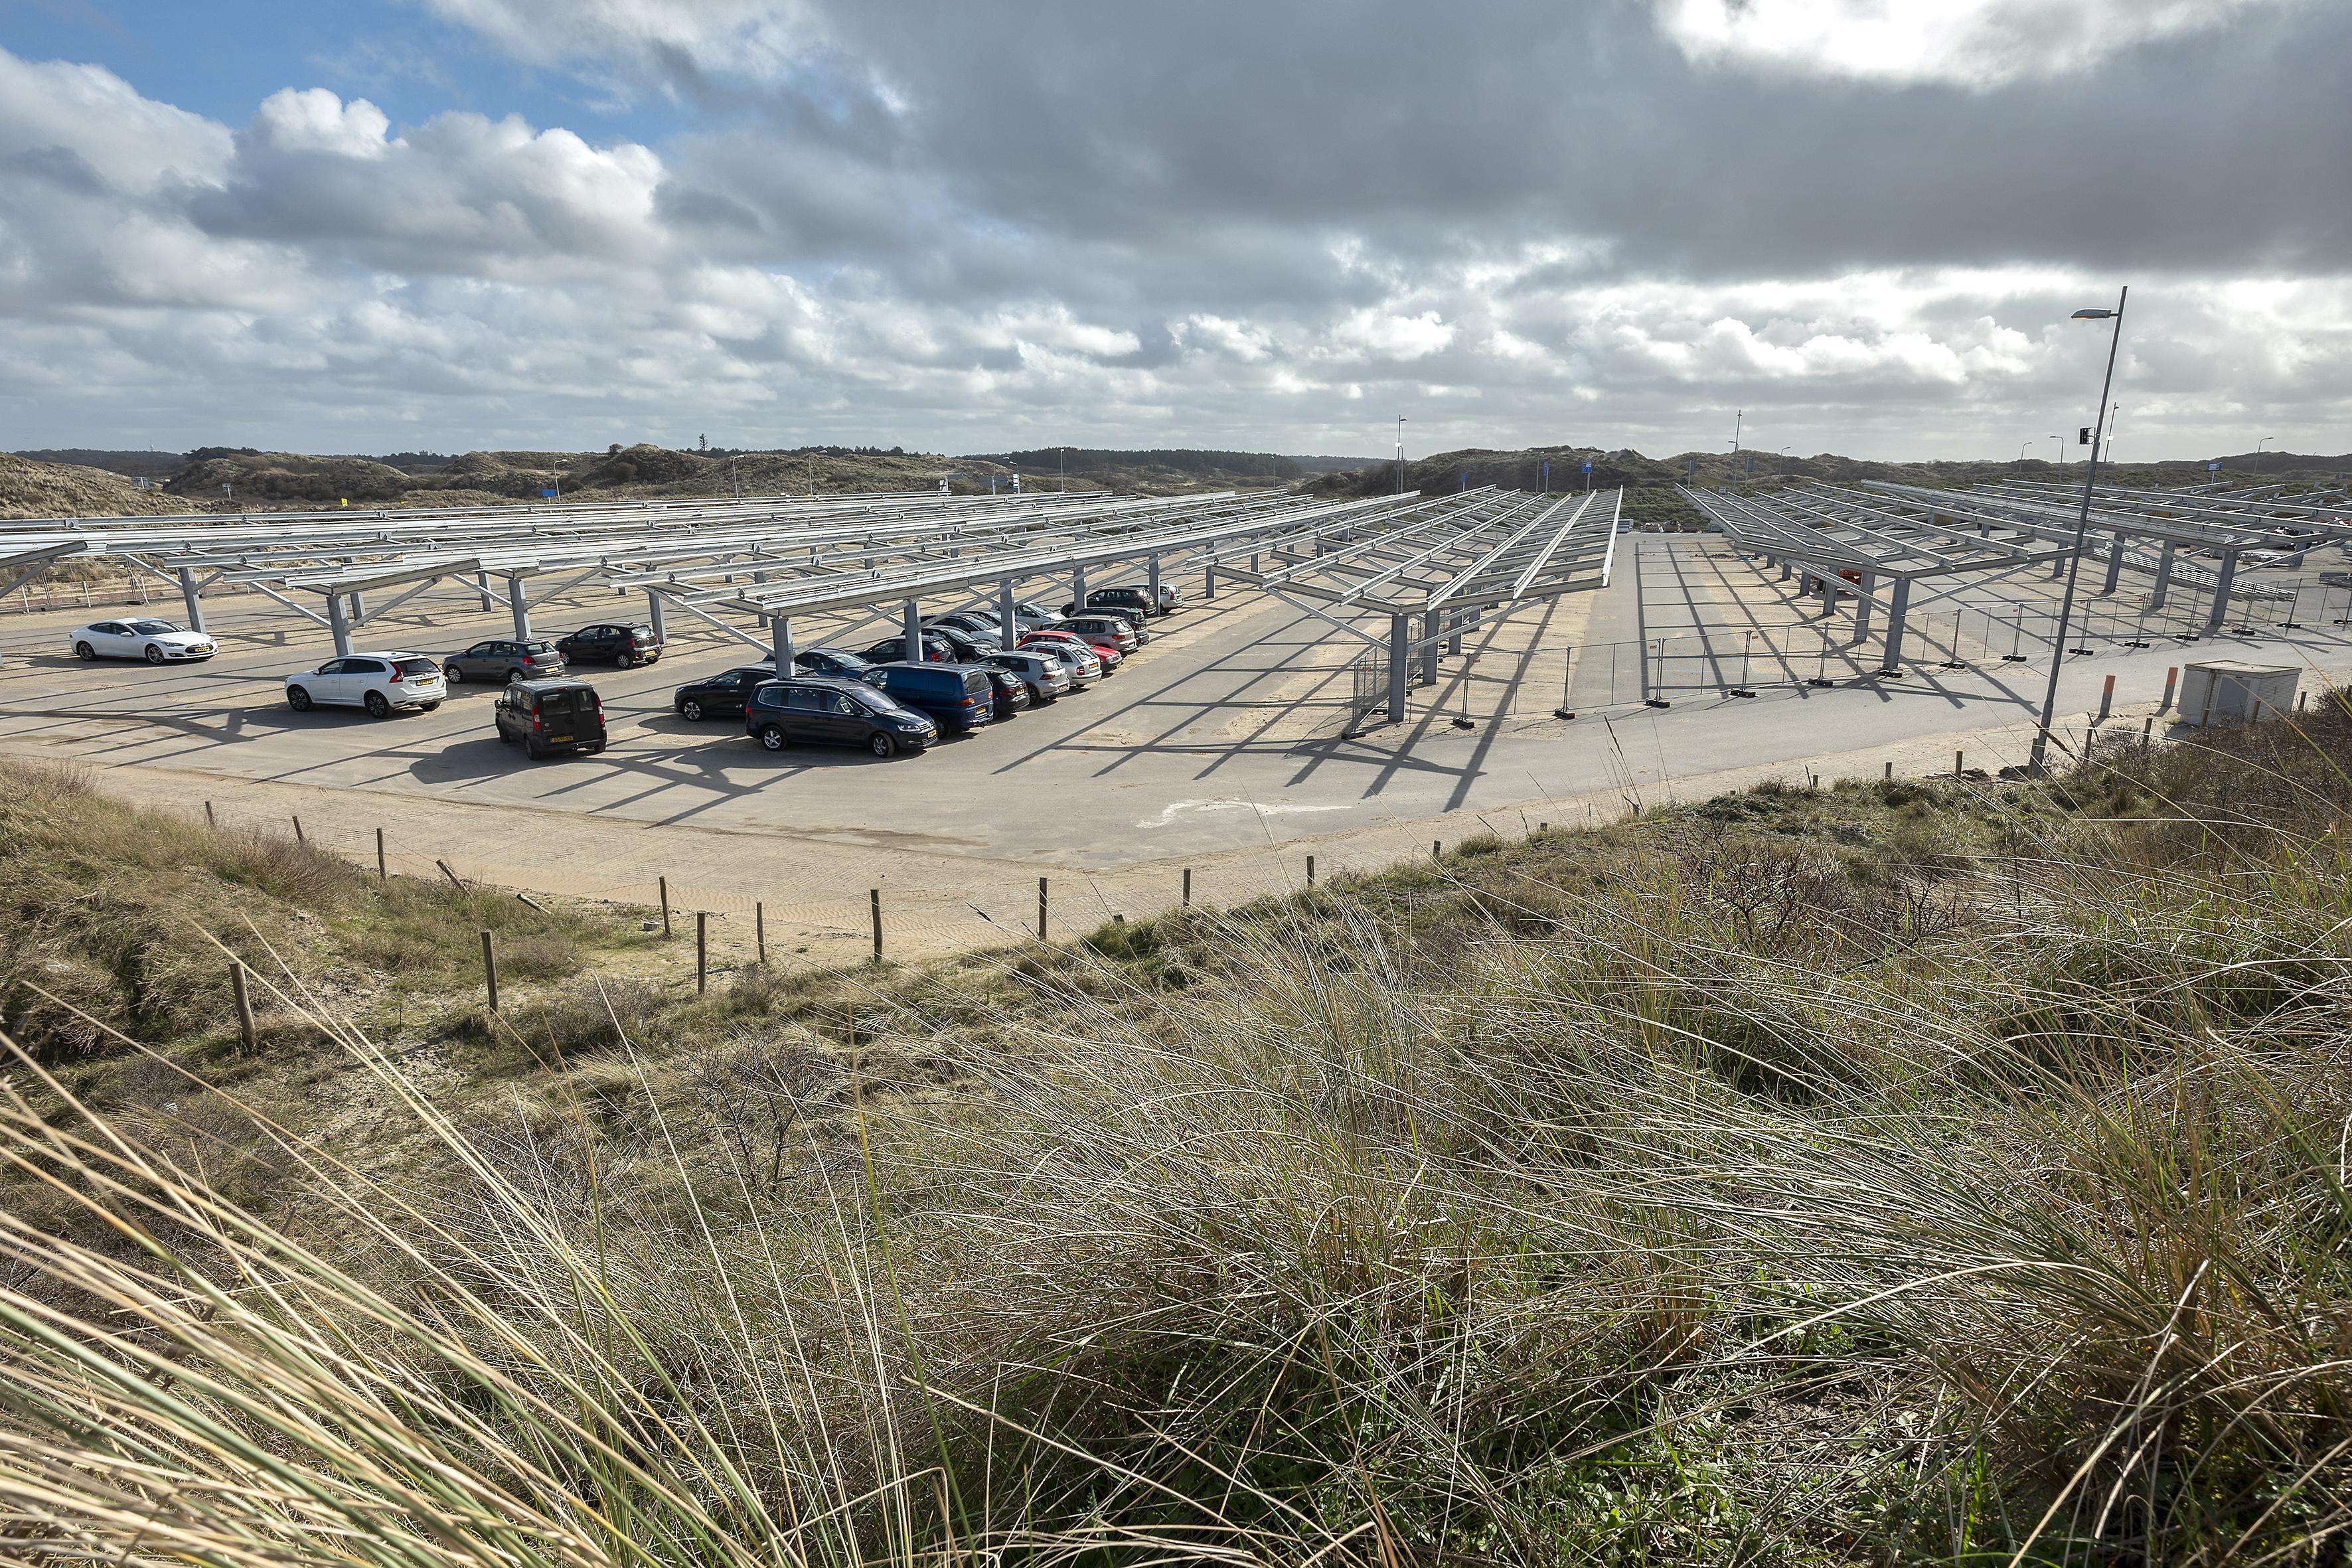 Bloemendaalse politiek wil zonnepanelen op openbare gebouwen. 'Ik kan toch moeilijk met een regiment huzaren door de gemeente trekken'